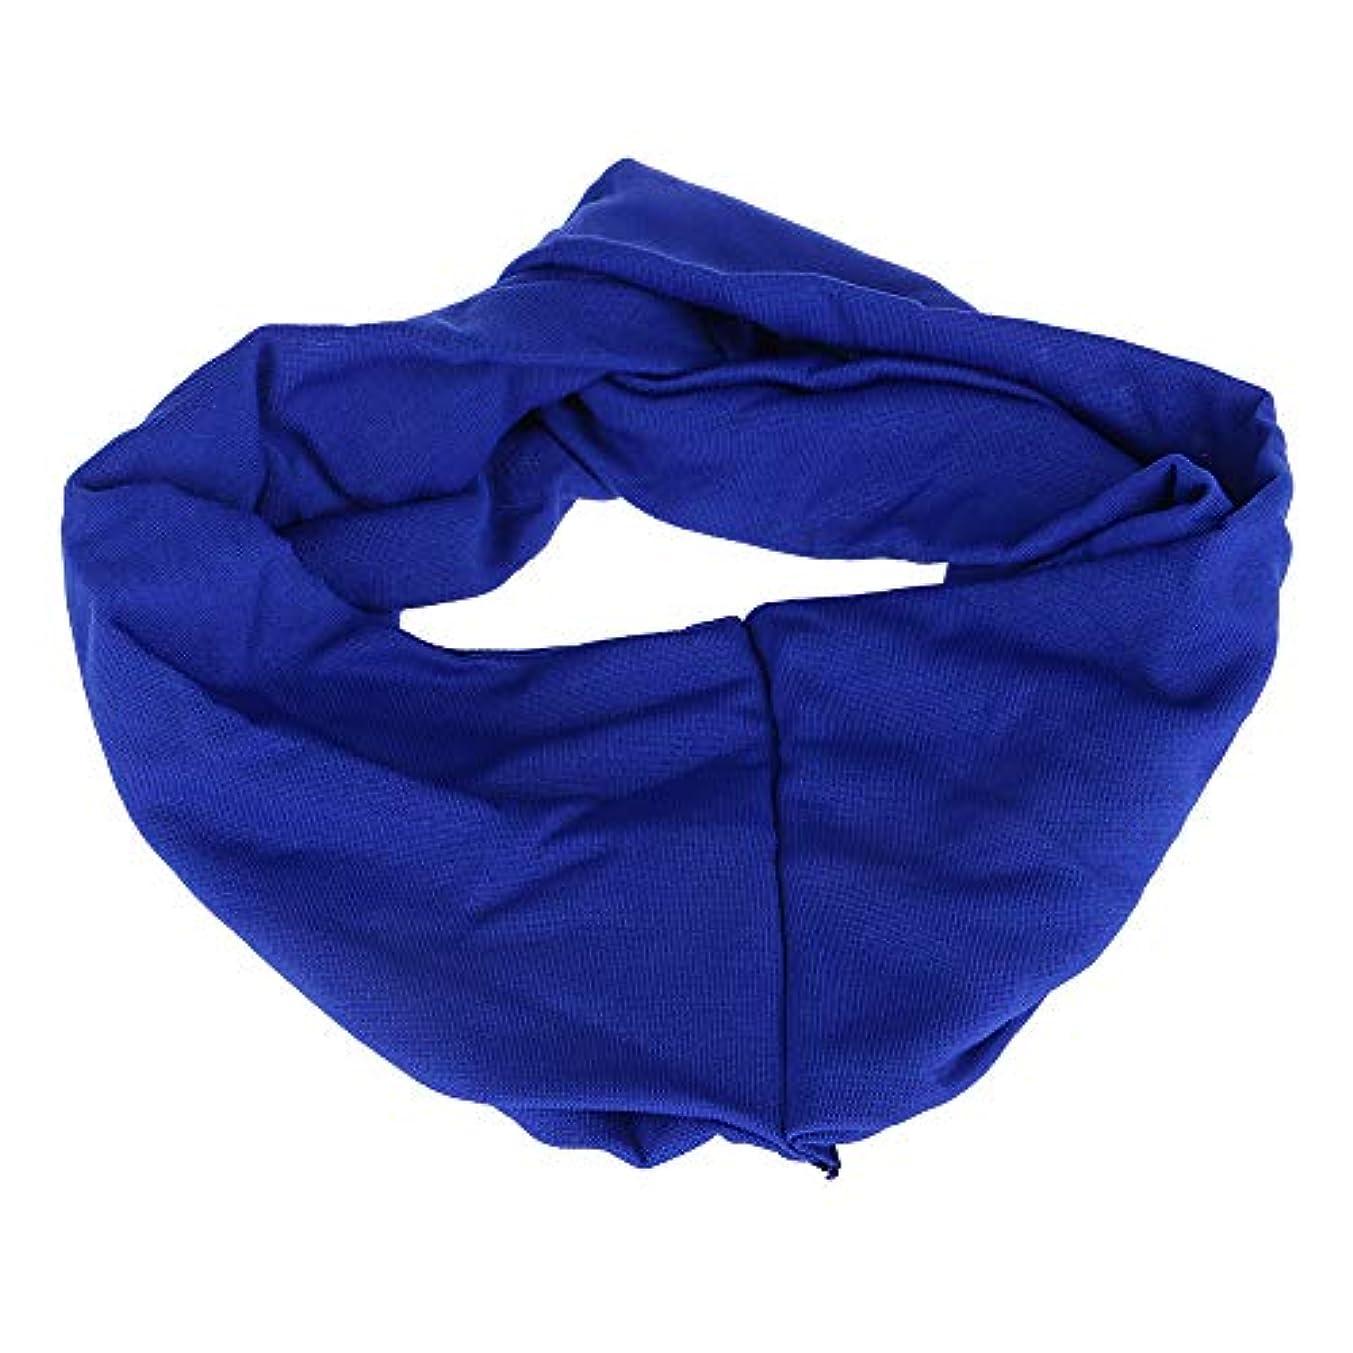 予防接種頼むラッドヤードキップリング女子 ヘアリボン ワイドヘッドバンド キャンディーカラー ポリ+コットンブレンド スポーツ ブルー